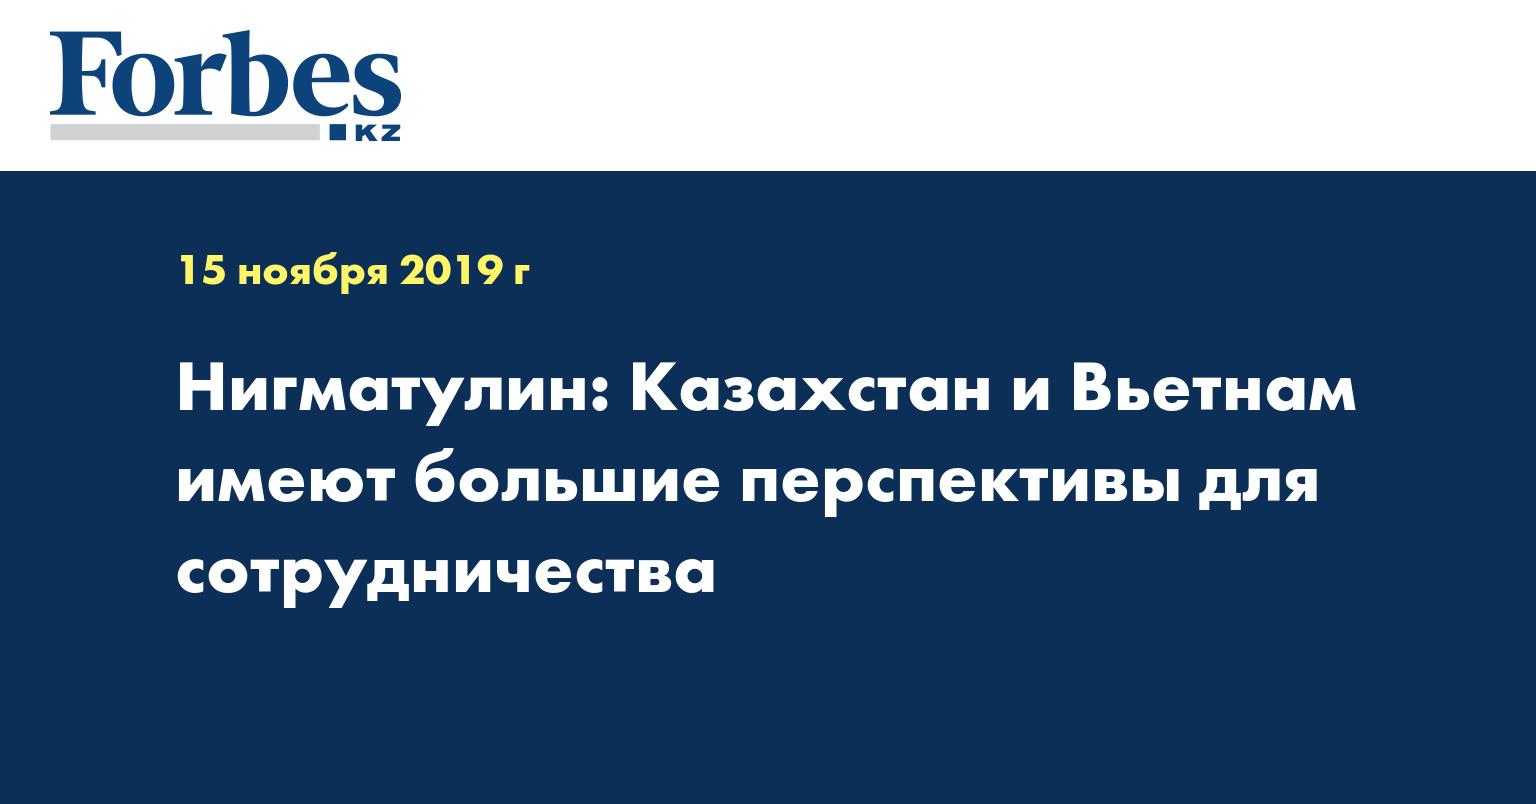 Нигматулин: Казахстан и Вьетнам имеют большие перспективы для сотрудничества